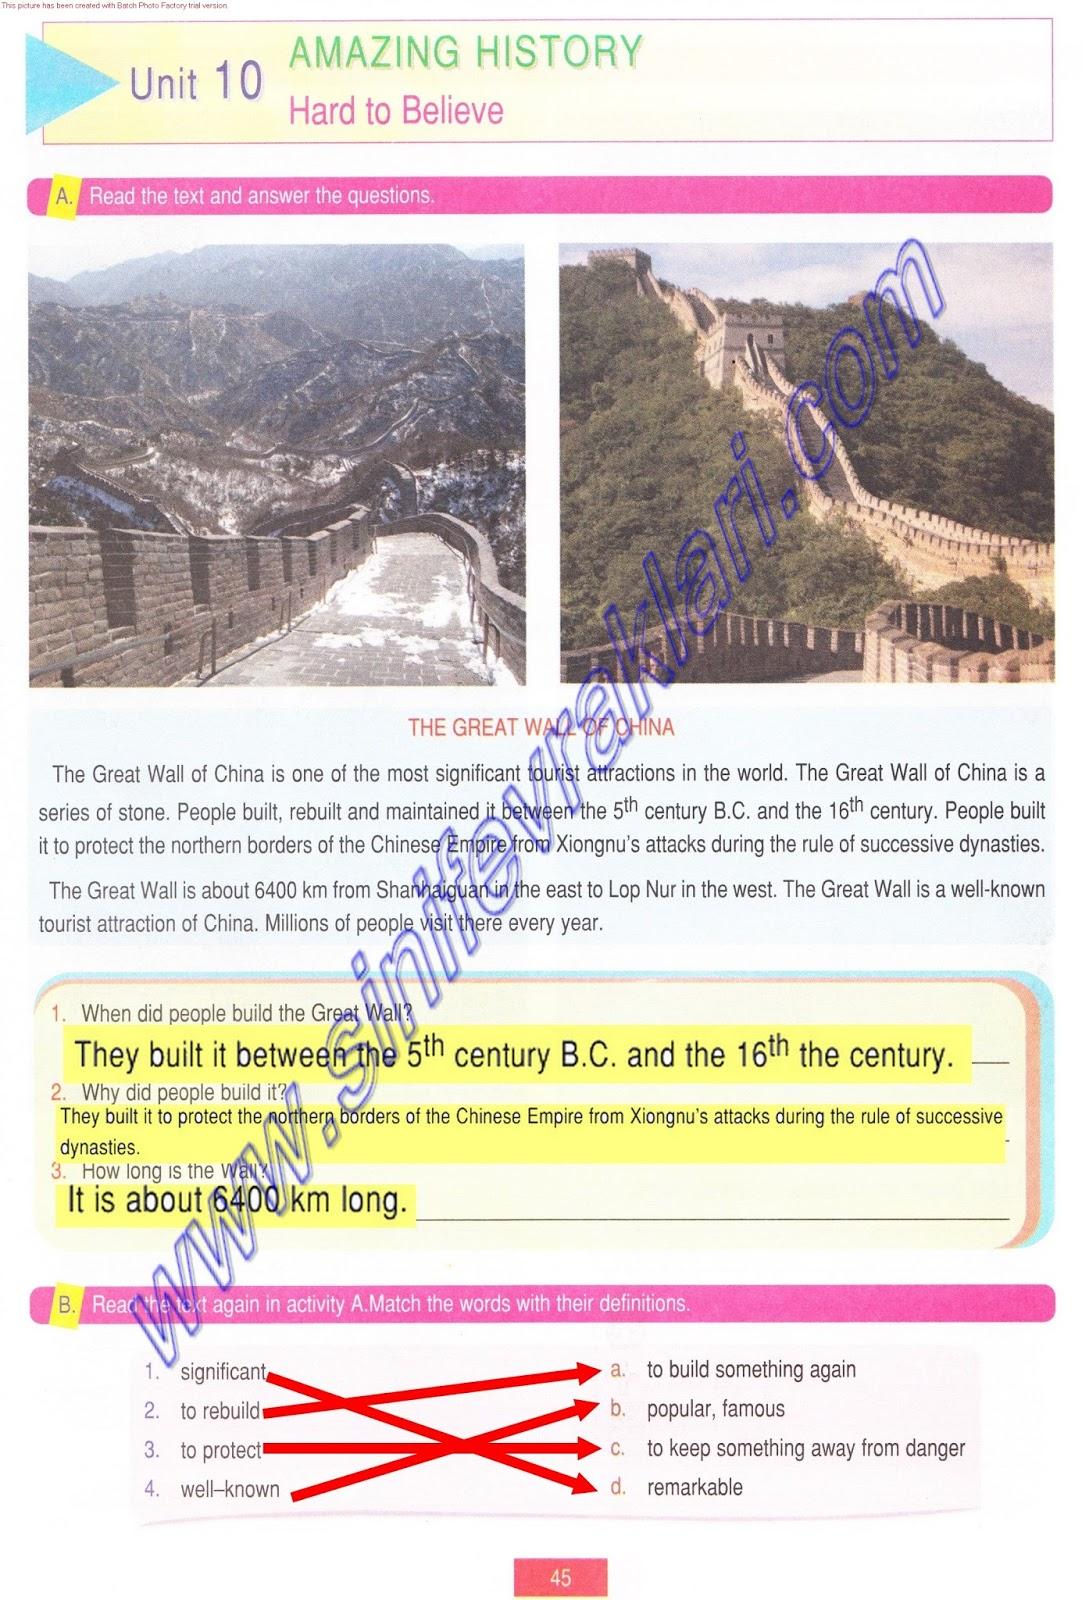 http://4.bp.blogspot.com/-gyziKWBELlE/UipKm-mfyYI/AAAAAAAAUyQ/gm7UExTN3HY/s1600/45.jpg